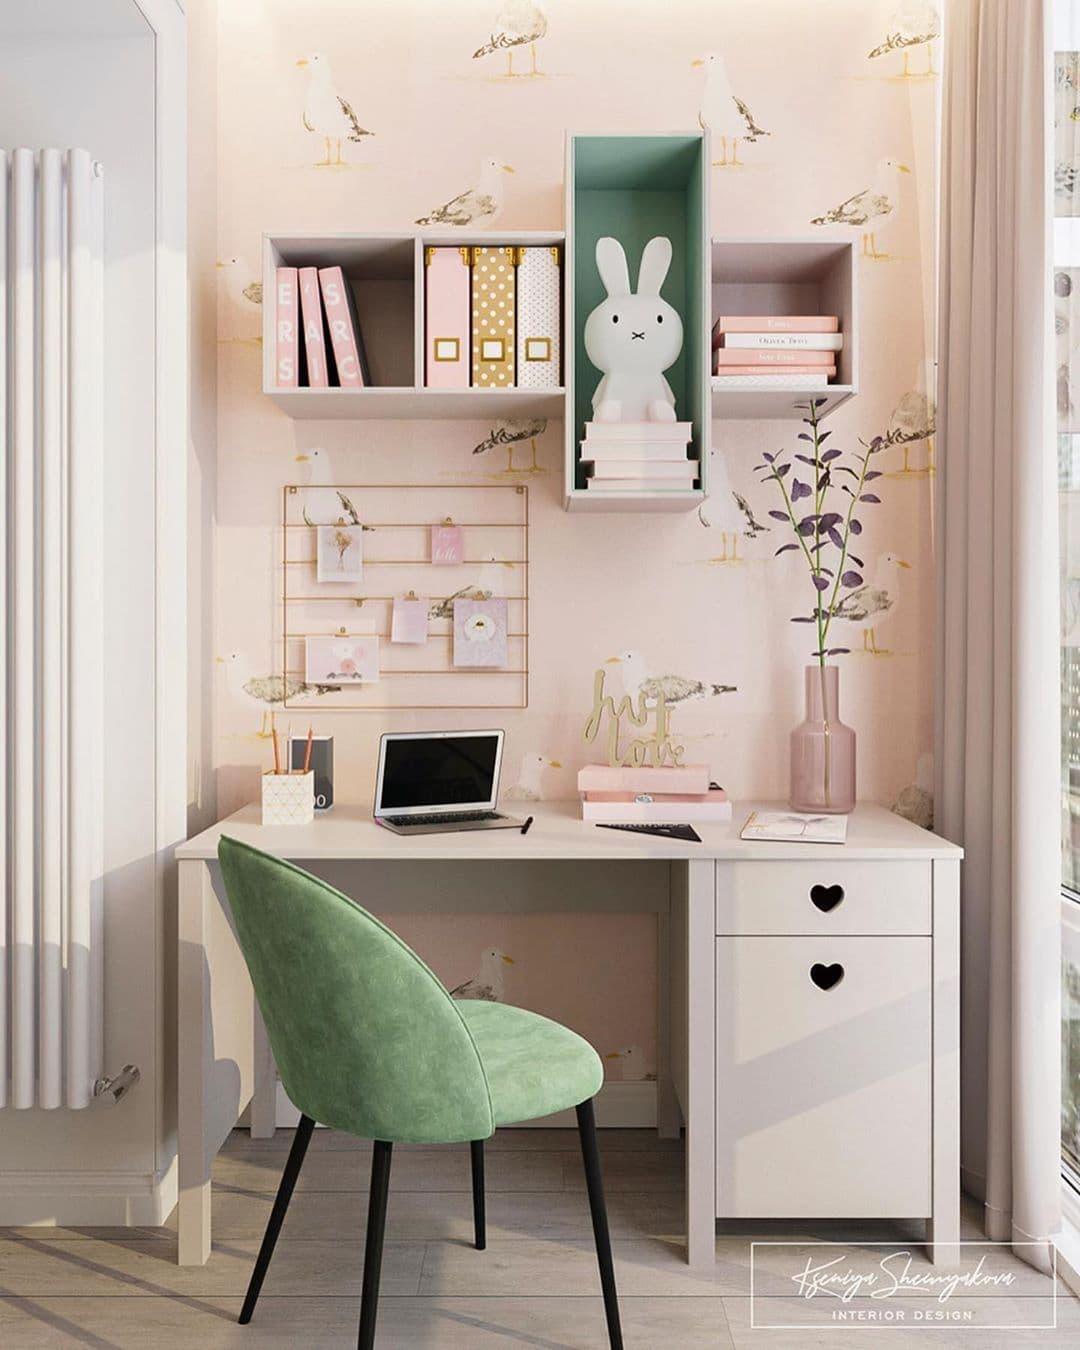 Дизайнерский интерьер детской комнаты для двух девочек 4